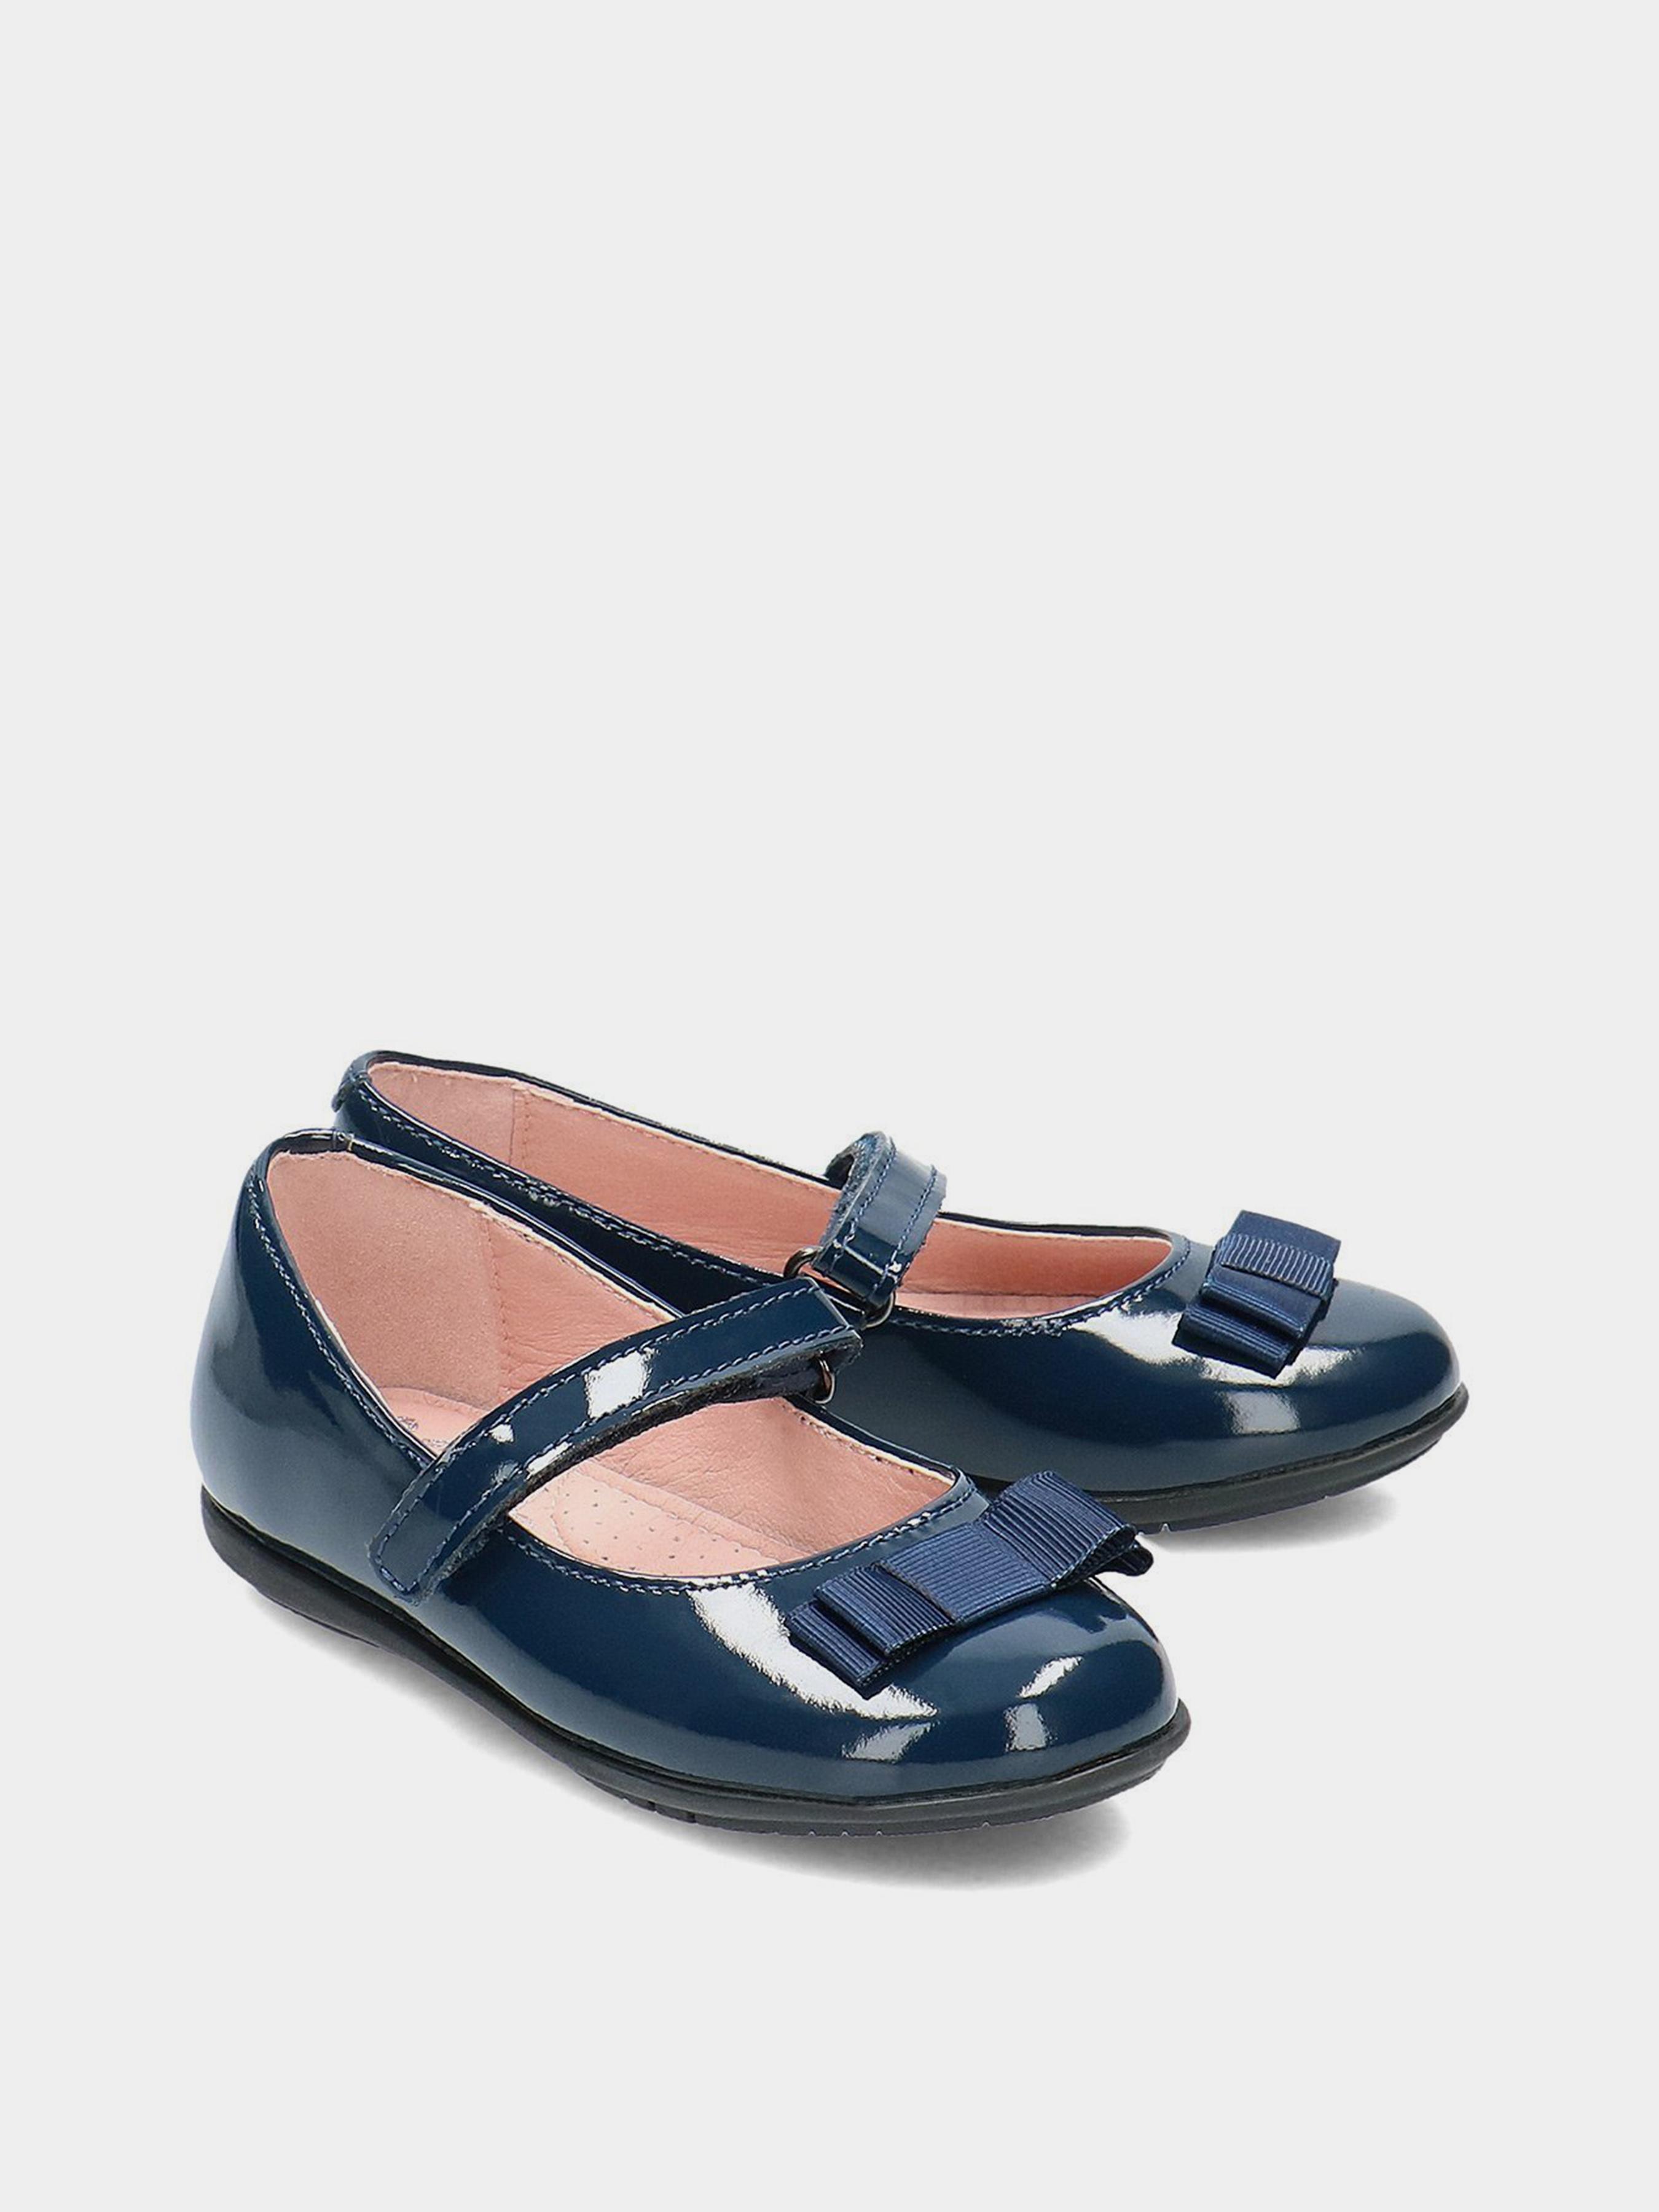 Балетки детские Garvalin AZUL MARINO (CHAROL) YV301 цена обуви, 2017